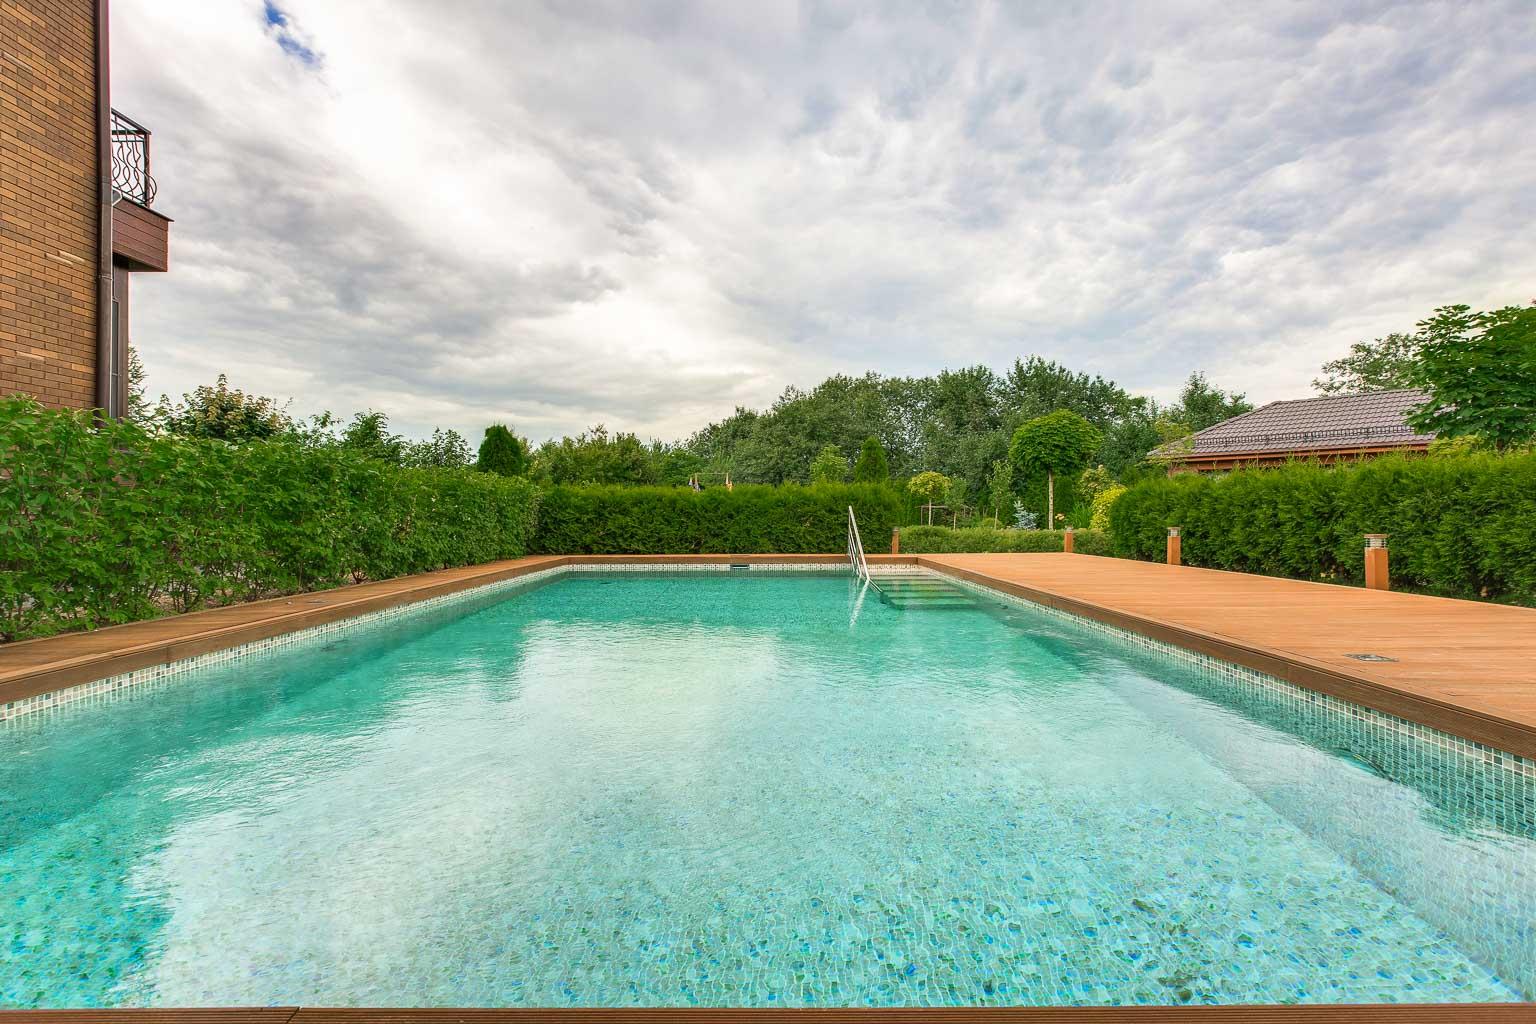 Новость: Kalinka Group_Пресс-релиз_Дома с бассейнами продаются на 30% дороже